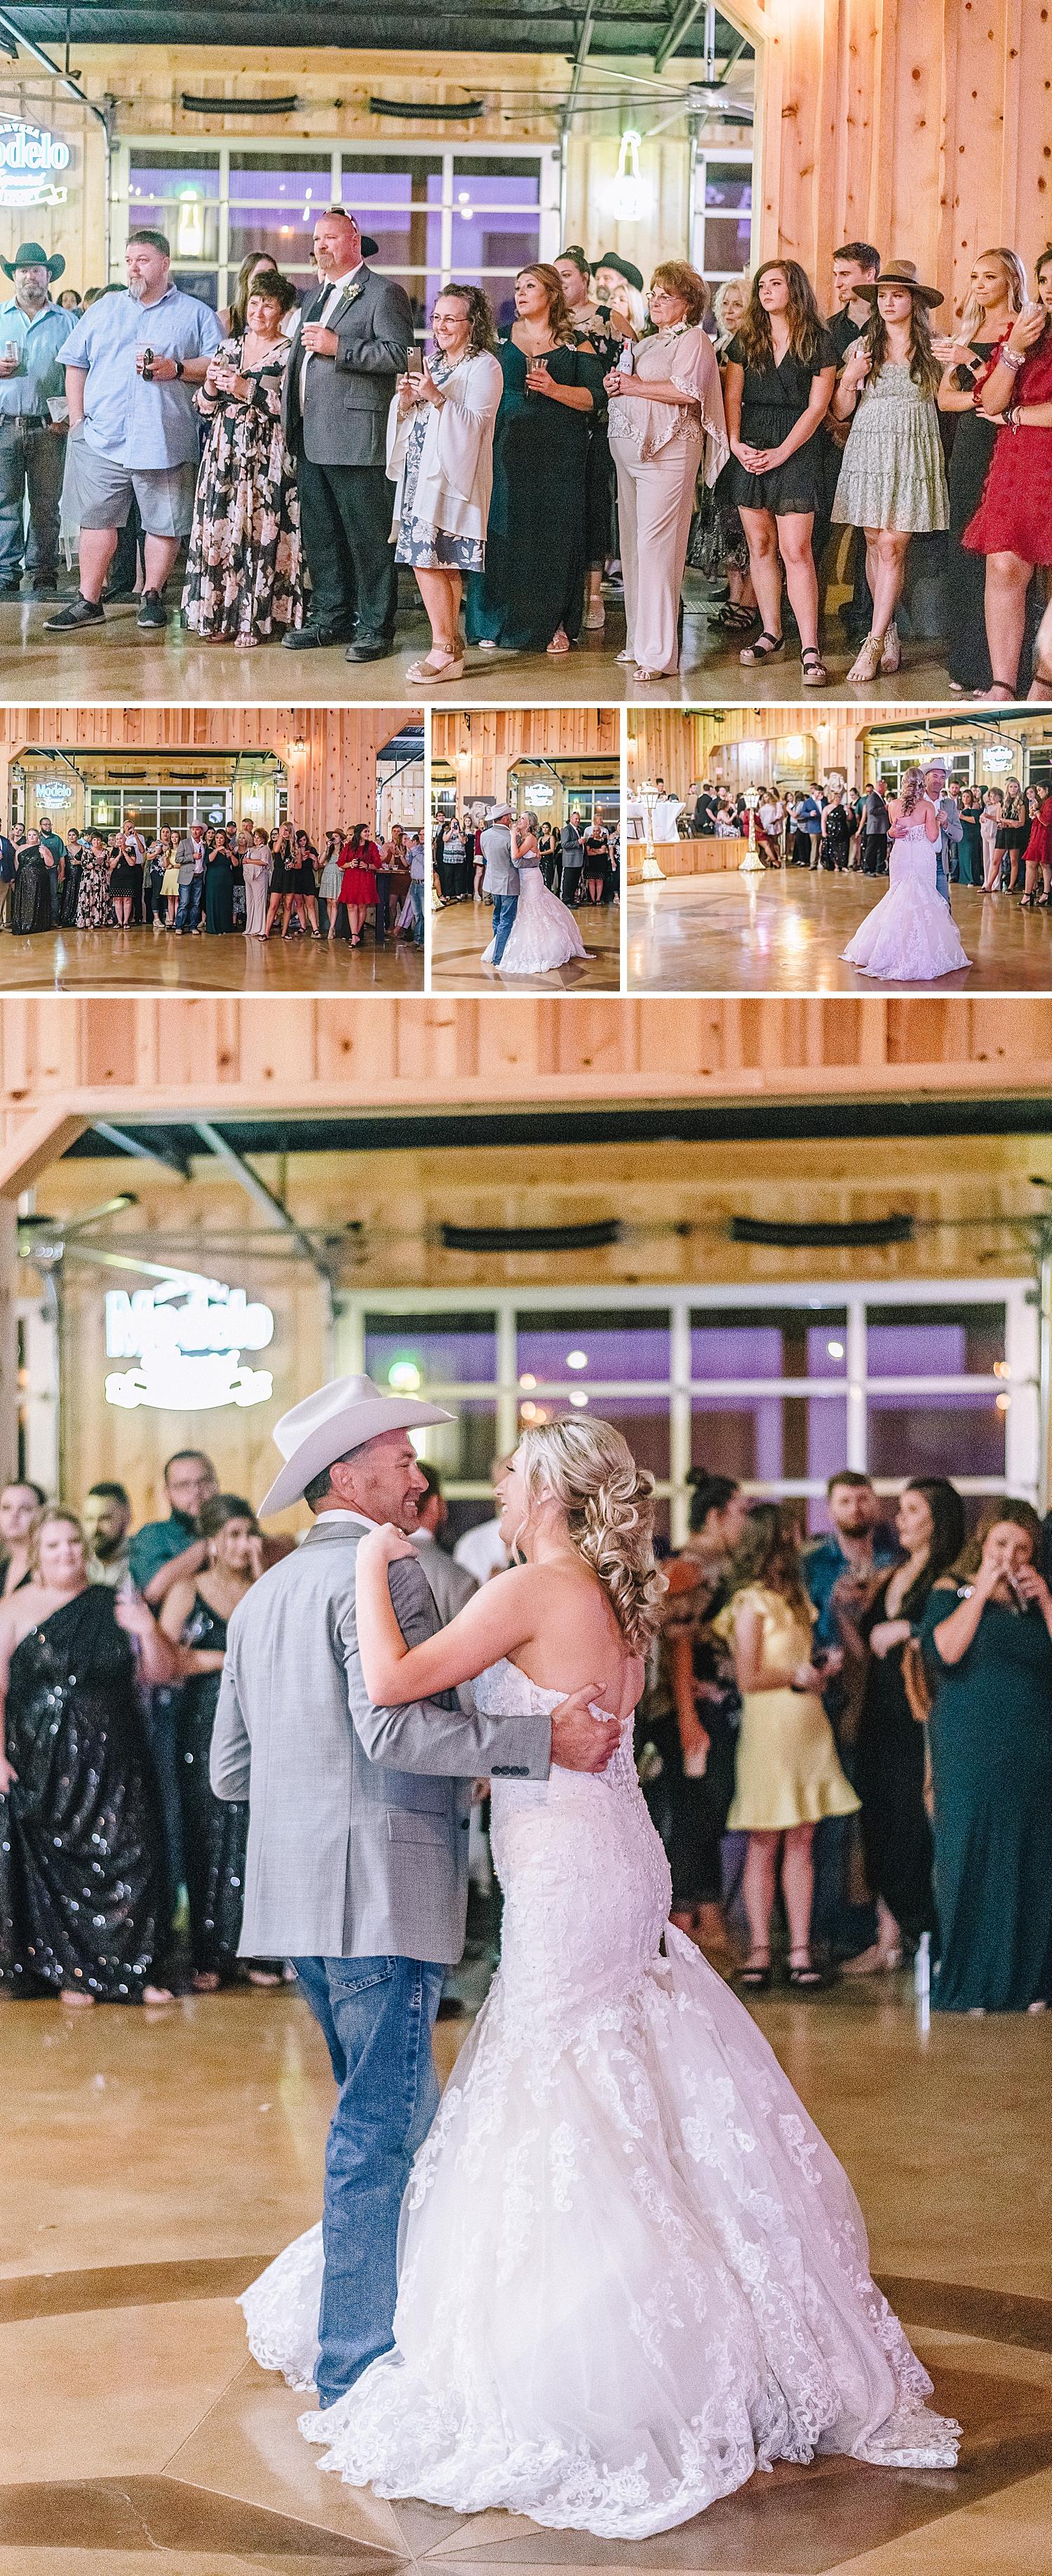 Rackler-Ranch-LaVernia-Texas-Wedding-Carly-Barton-Photography_0160.jpg